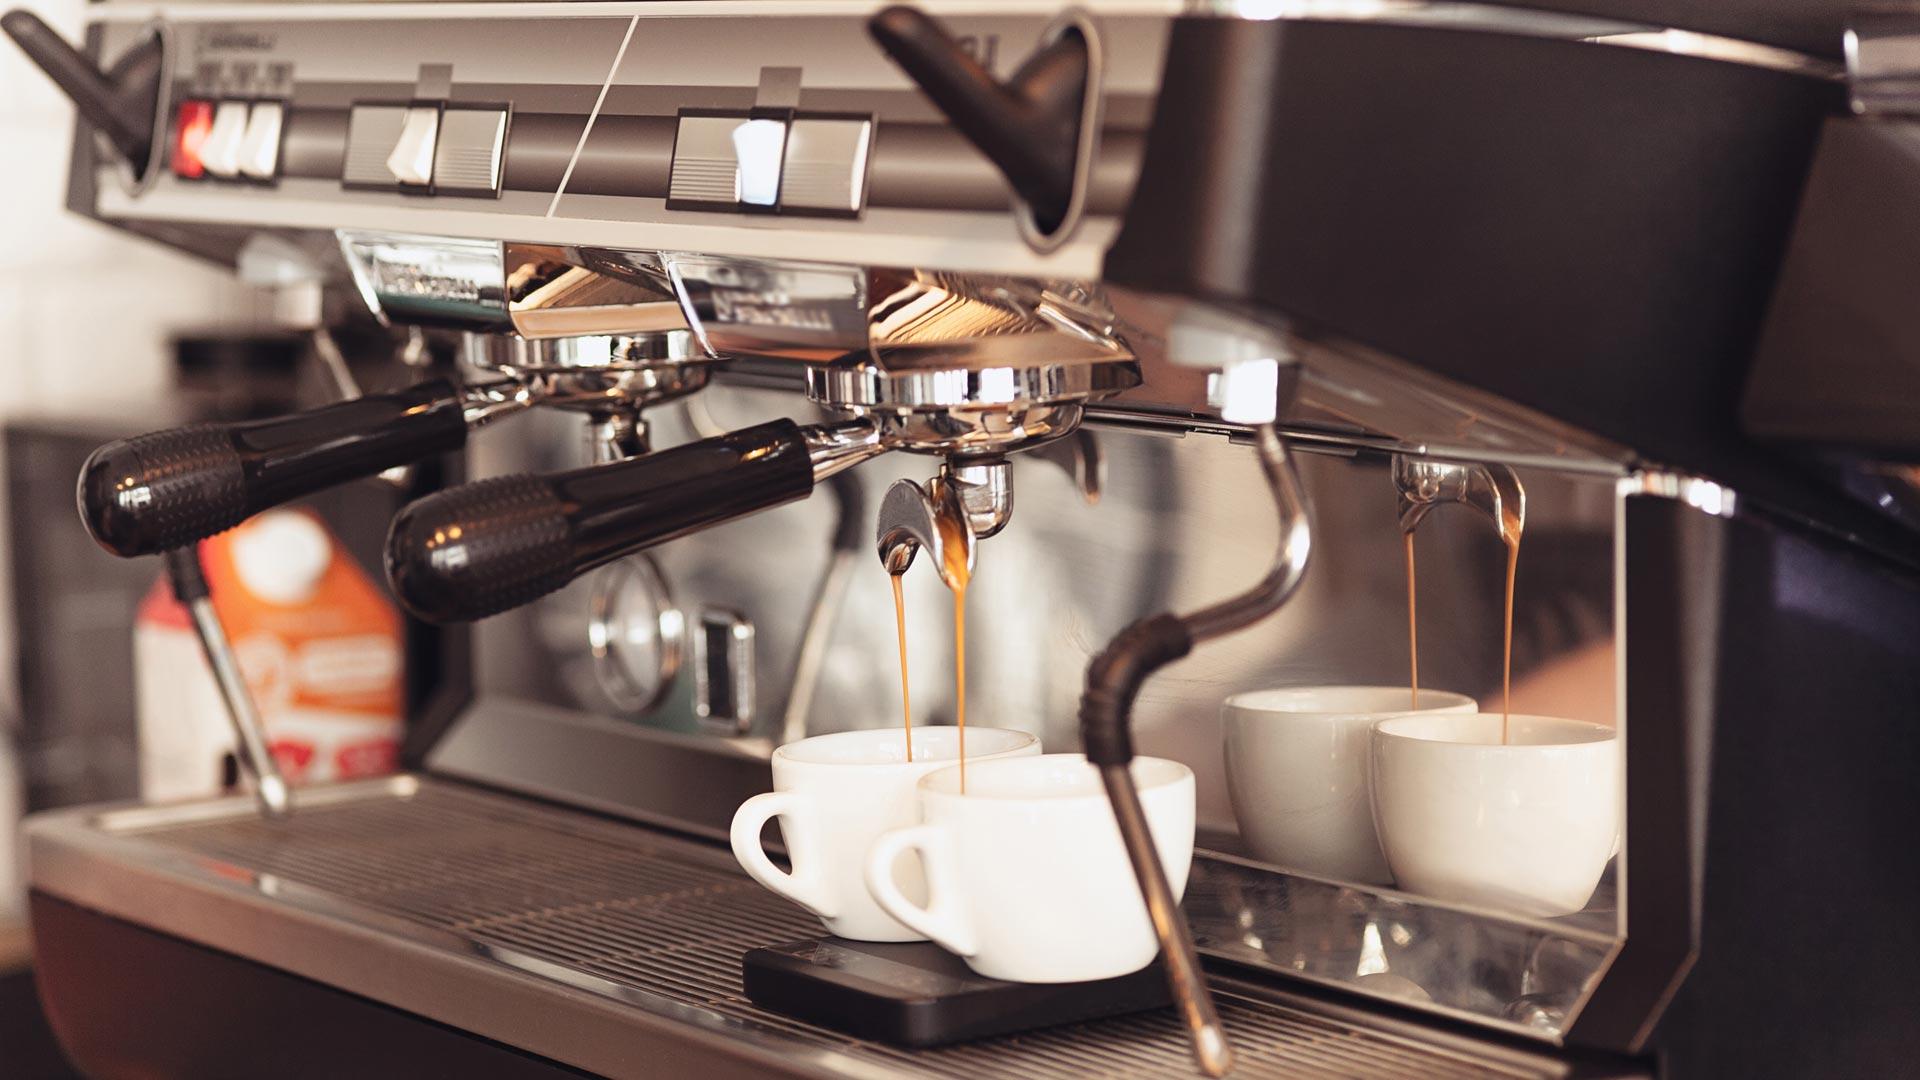 Espressor Sanremo pentru cafea boabe